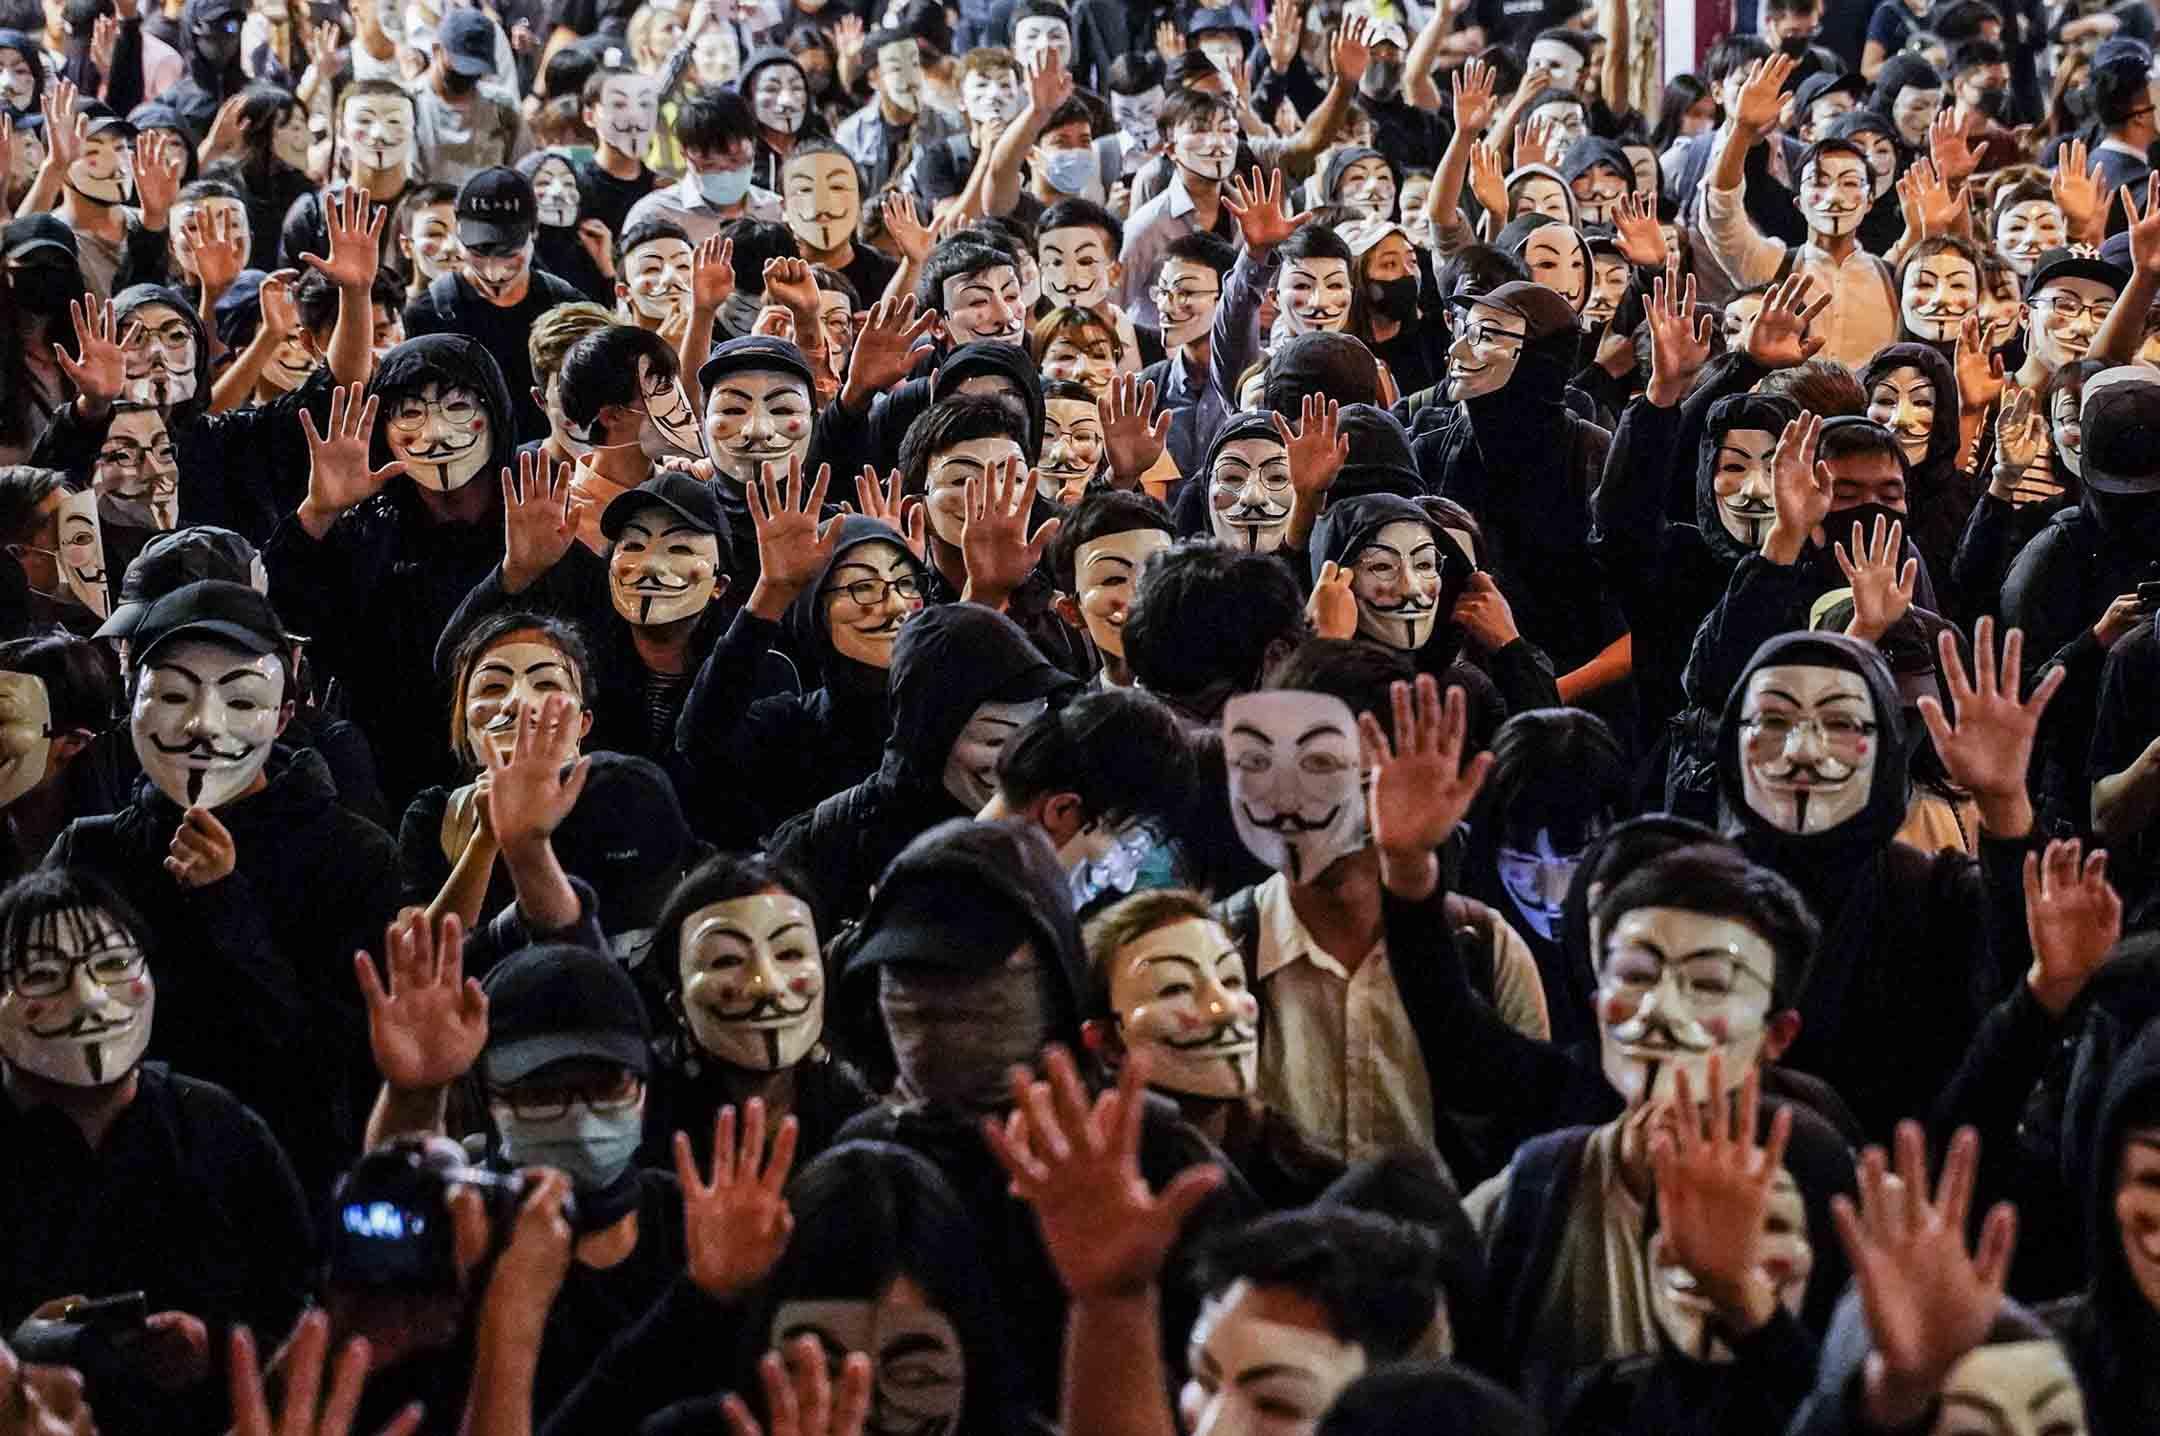 2019年11月4日,不少戴面具的市民參與尖沙咀一個遊行。 攝:劉子康/端傳媒